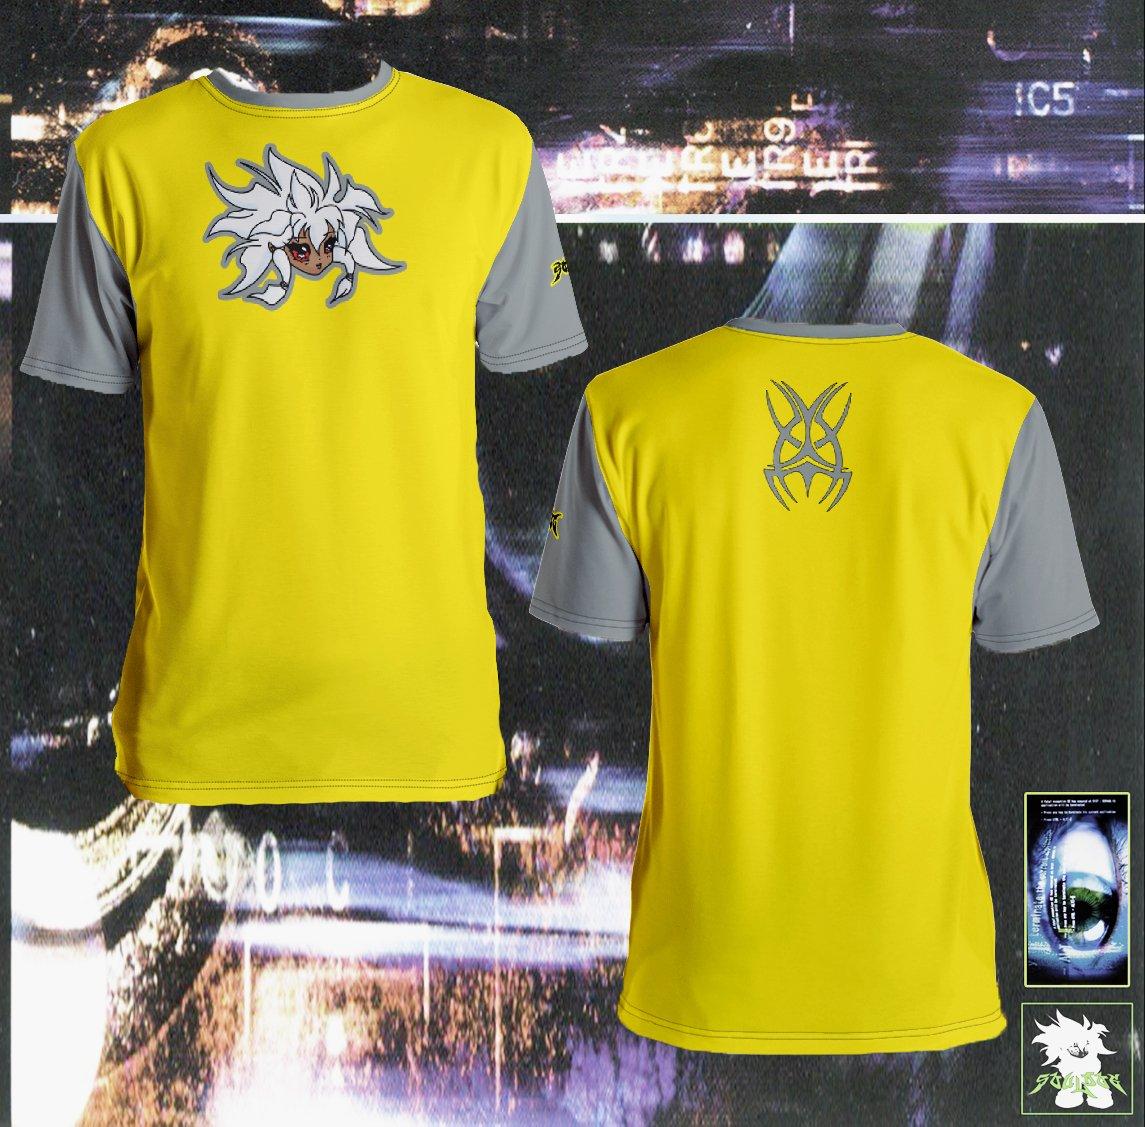 Image of Override tshirt